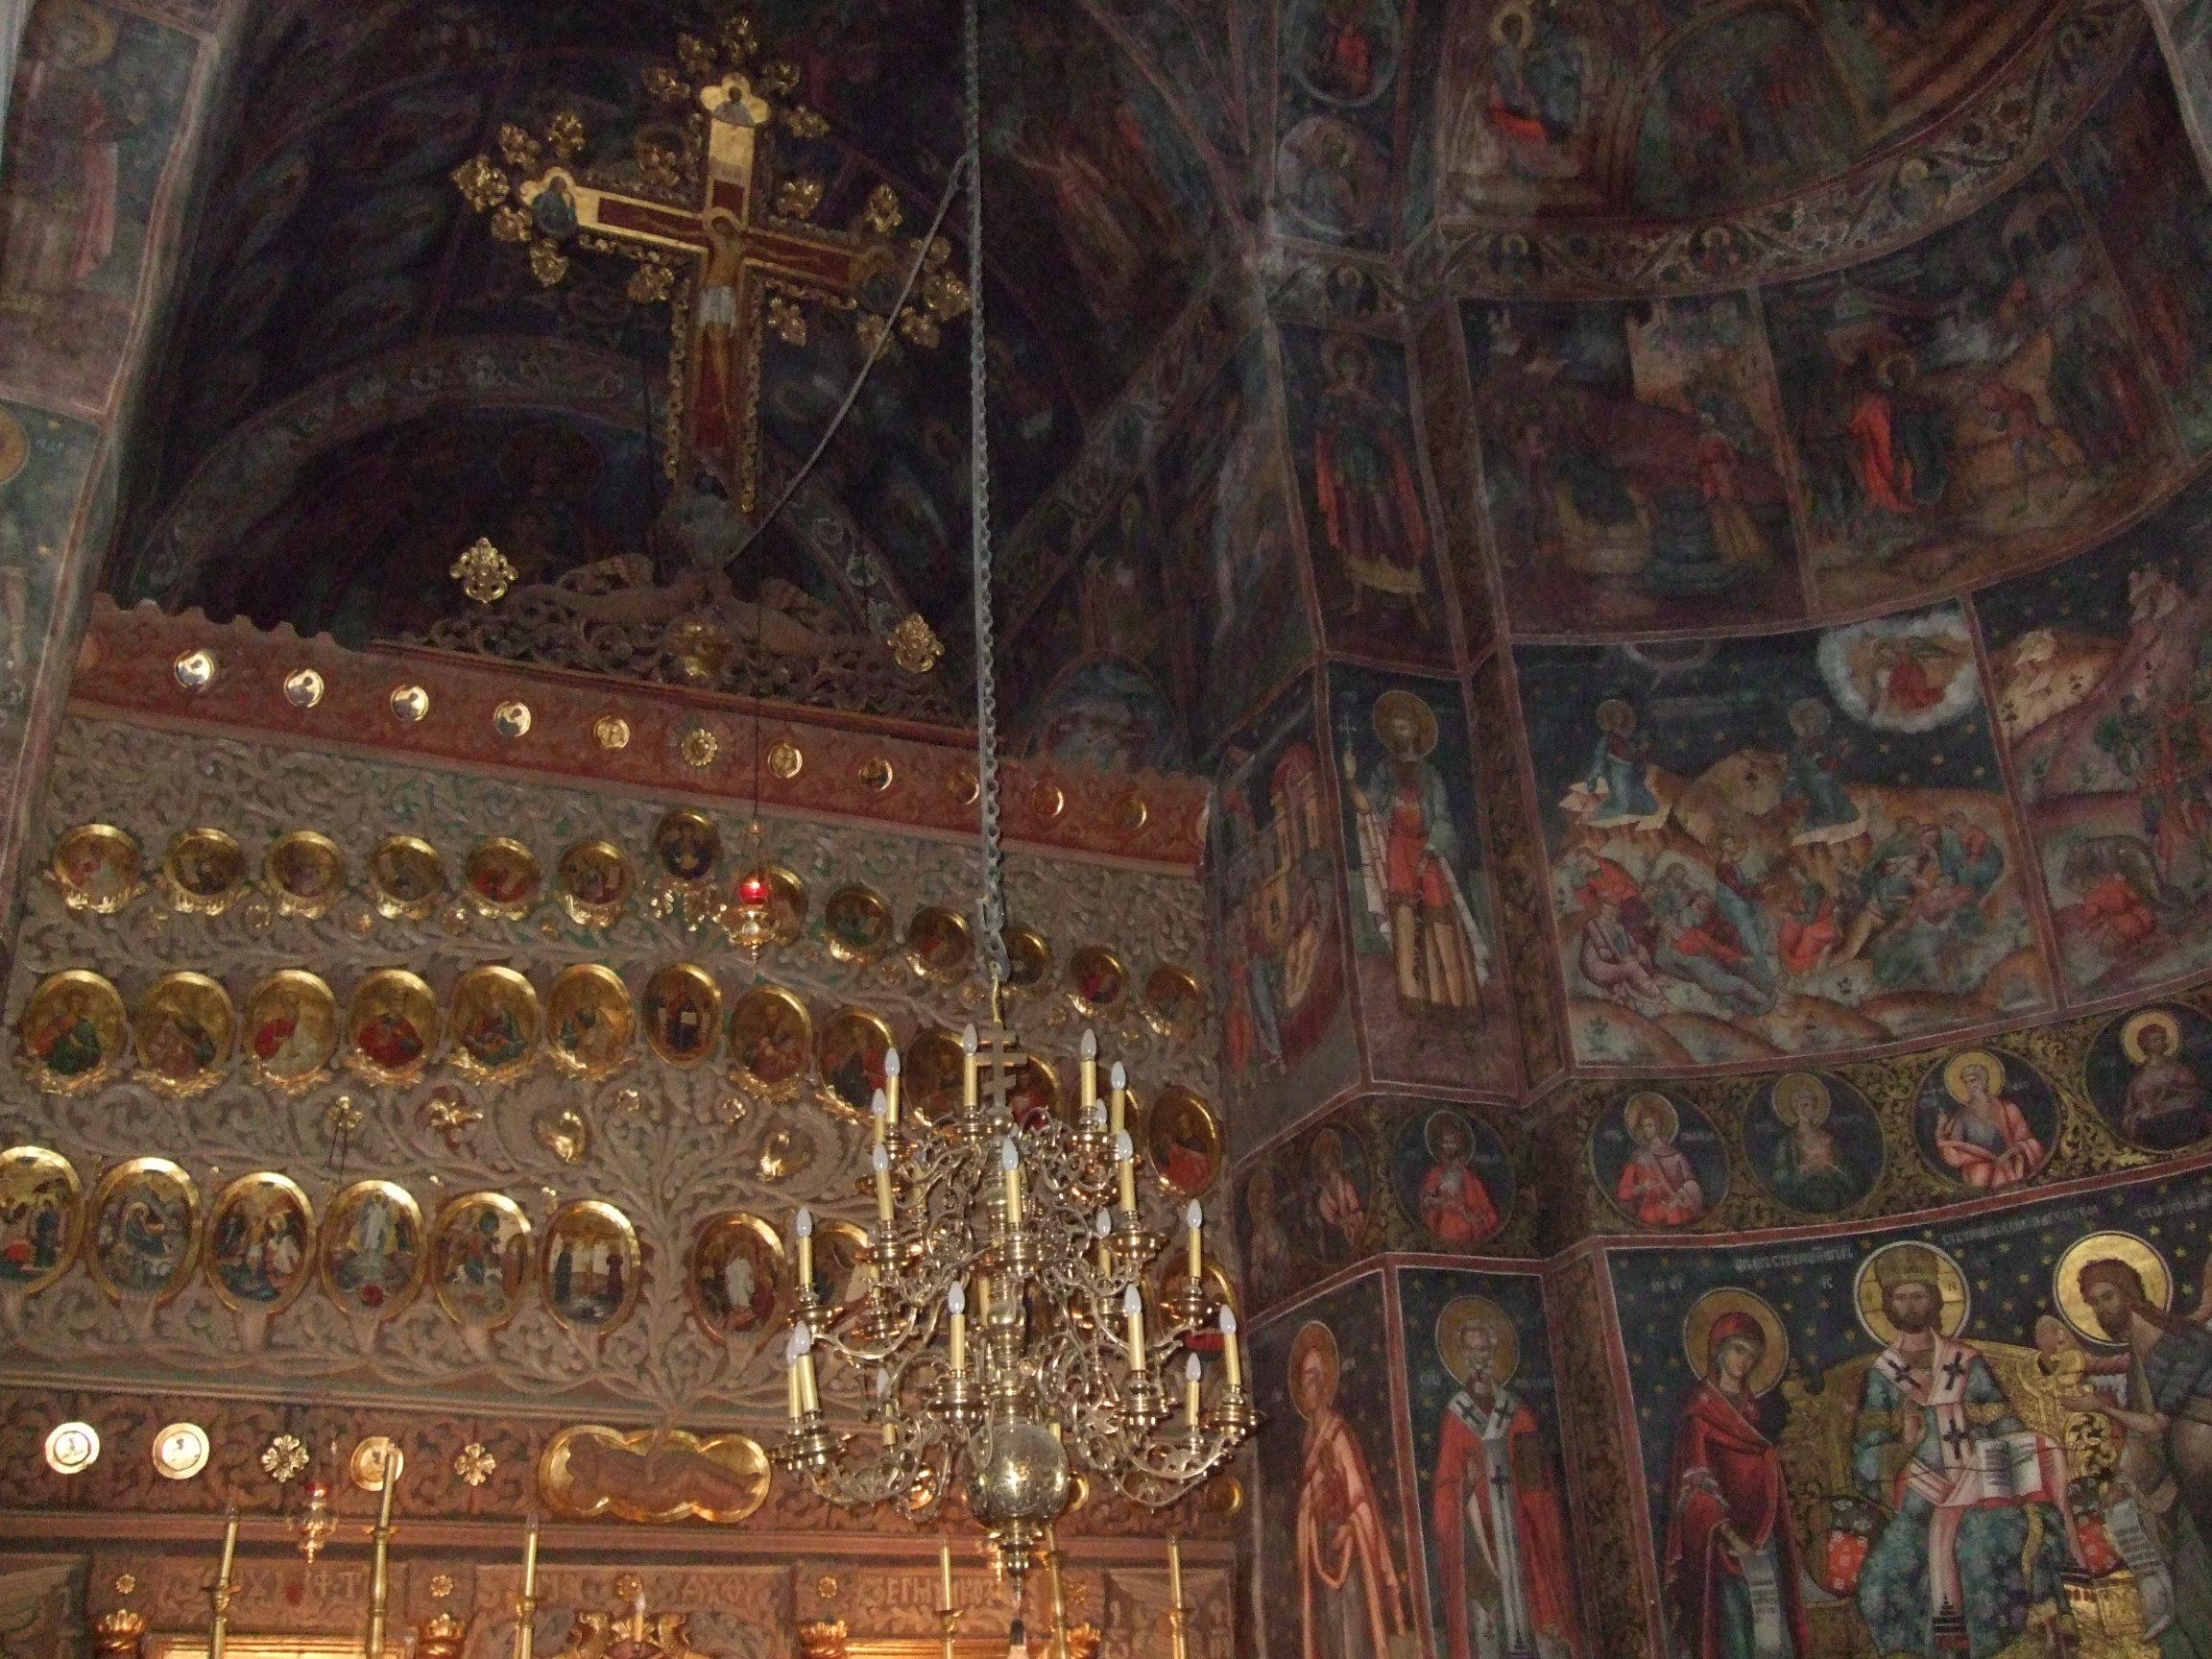 Manastirea_Cozia_- wikimedia.org